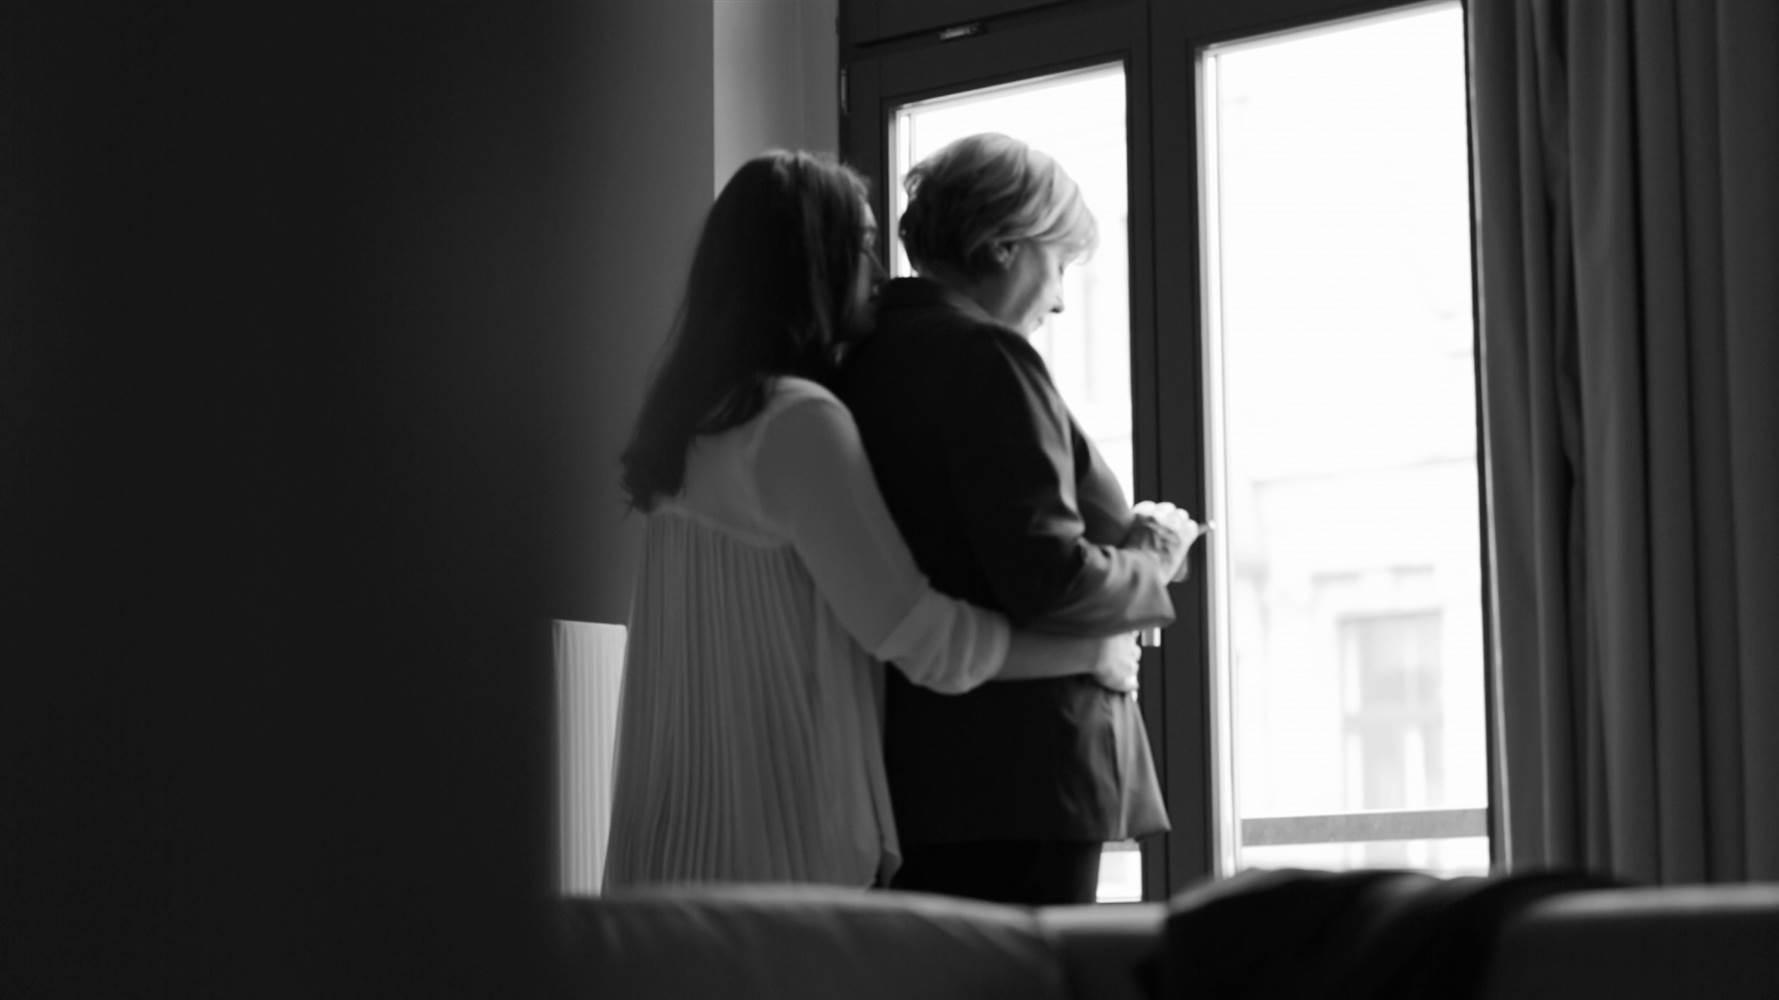 En Ese Momento Aparece Otra Mujer Mas Joven Y En Camison Que La Abraza Tiernamente Por La Espalda Y Le Da Un Beso En El Cuello A Lo Que Ella Responde